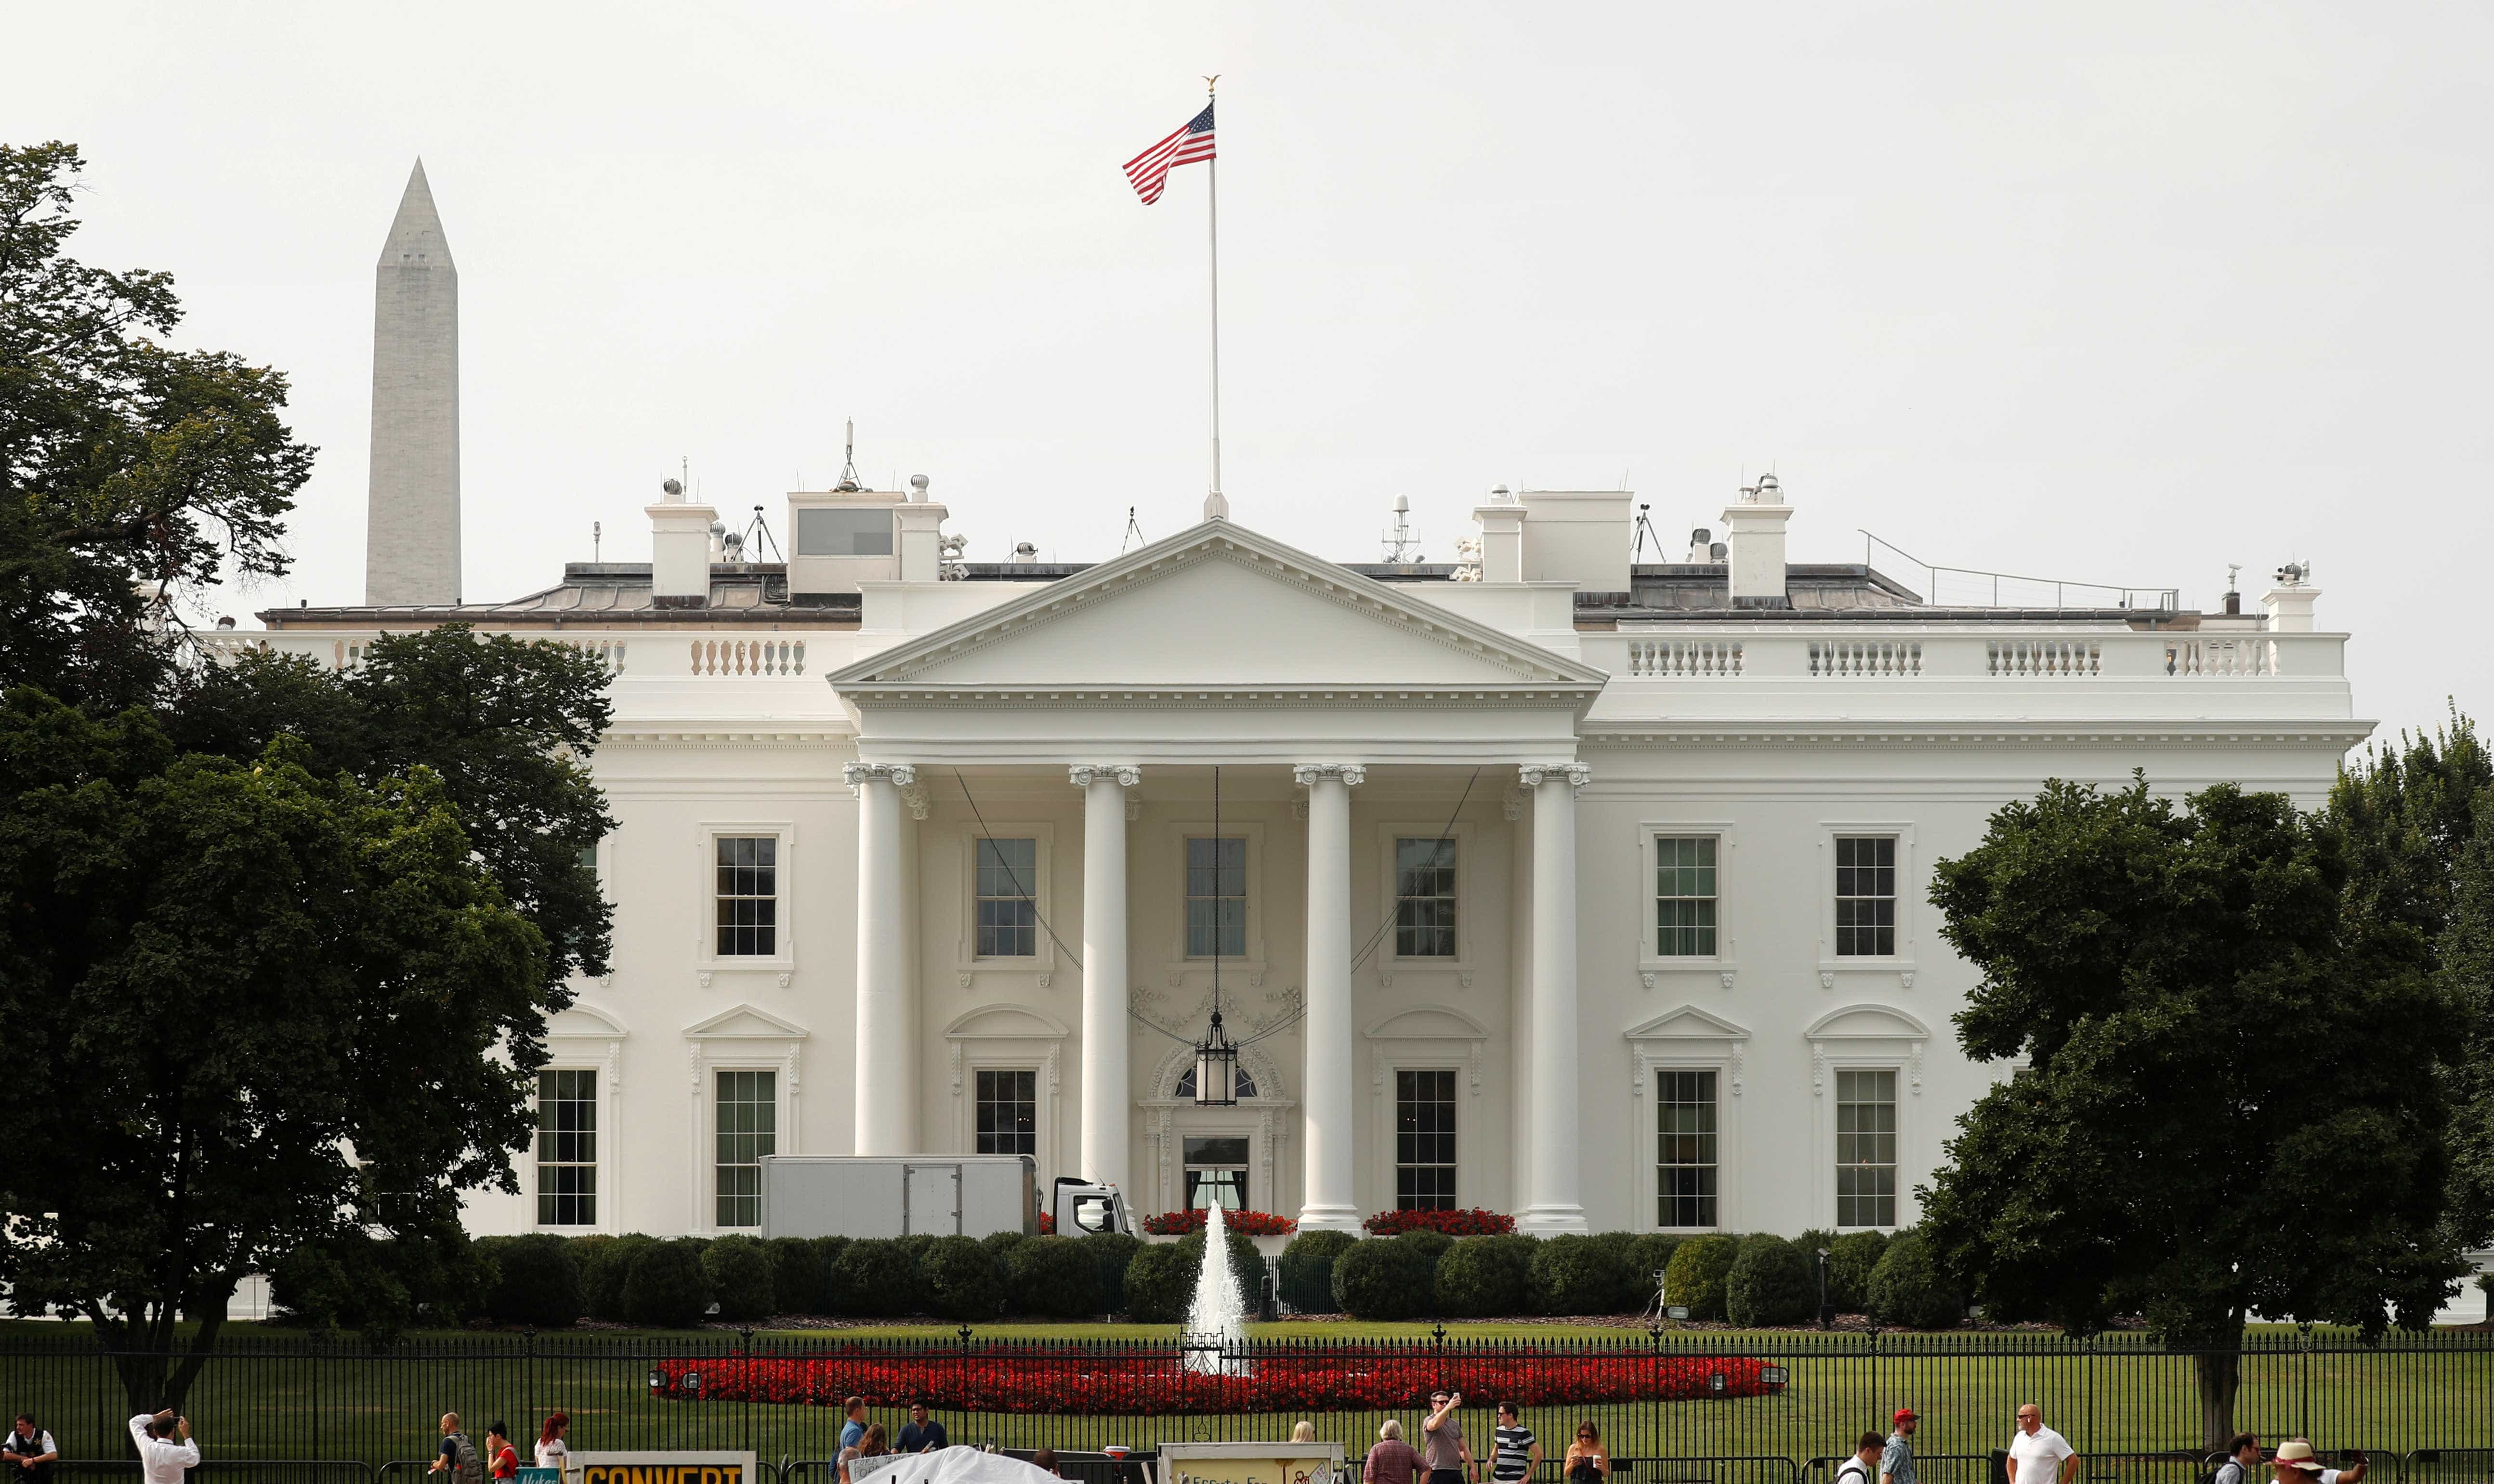 Nos EUA, cinco estados terão votação totalmente eletrônica